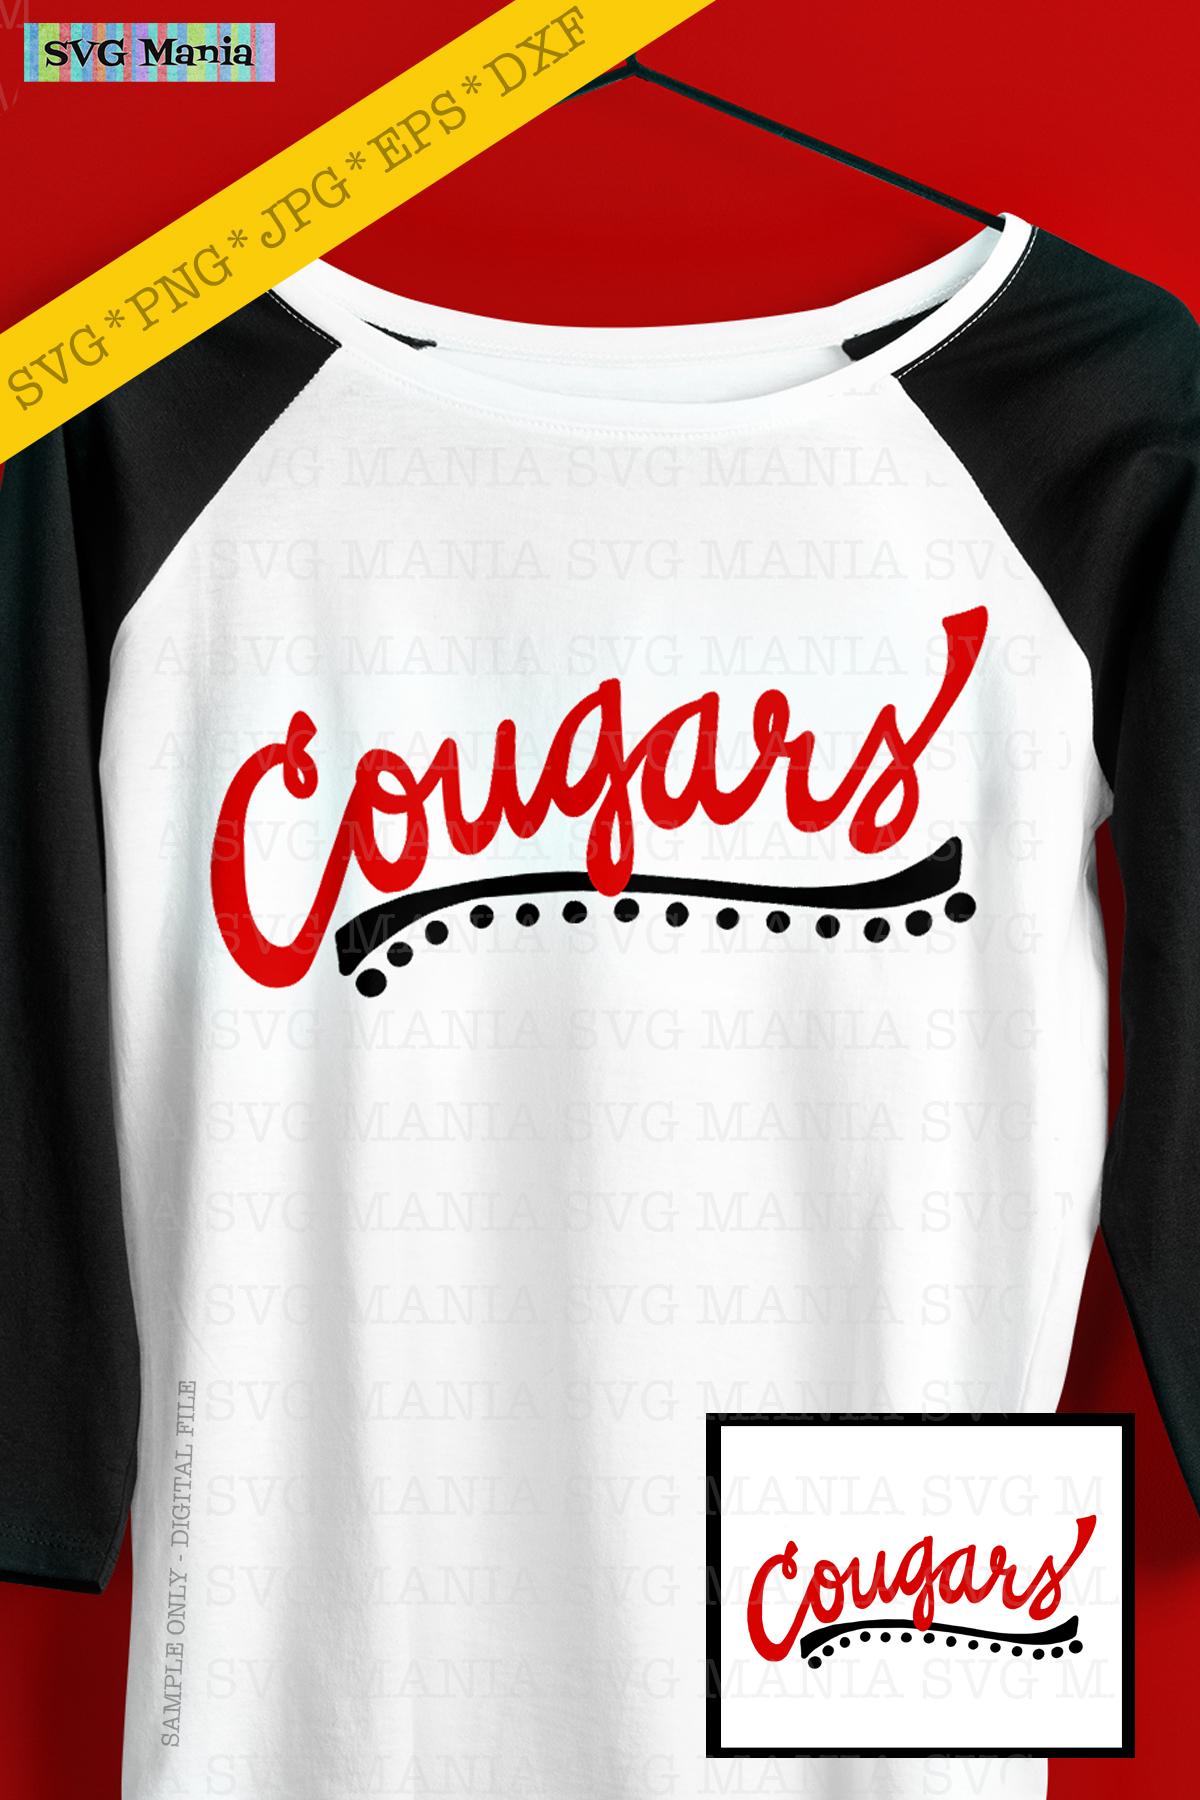 Cougars SVG File, Cougars Sports Team SVG, Cougar Spirit SVG example image 2